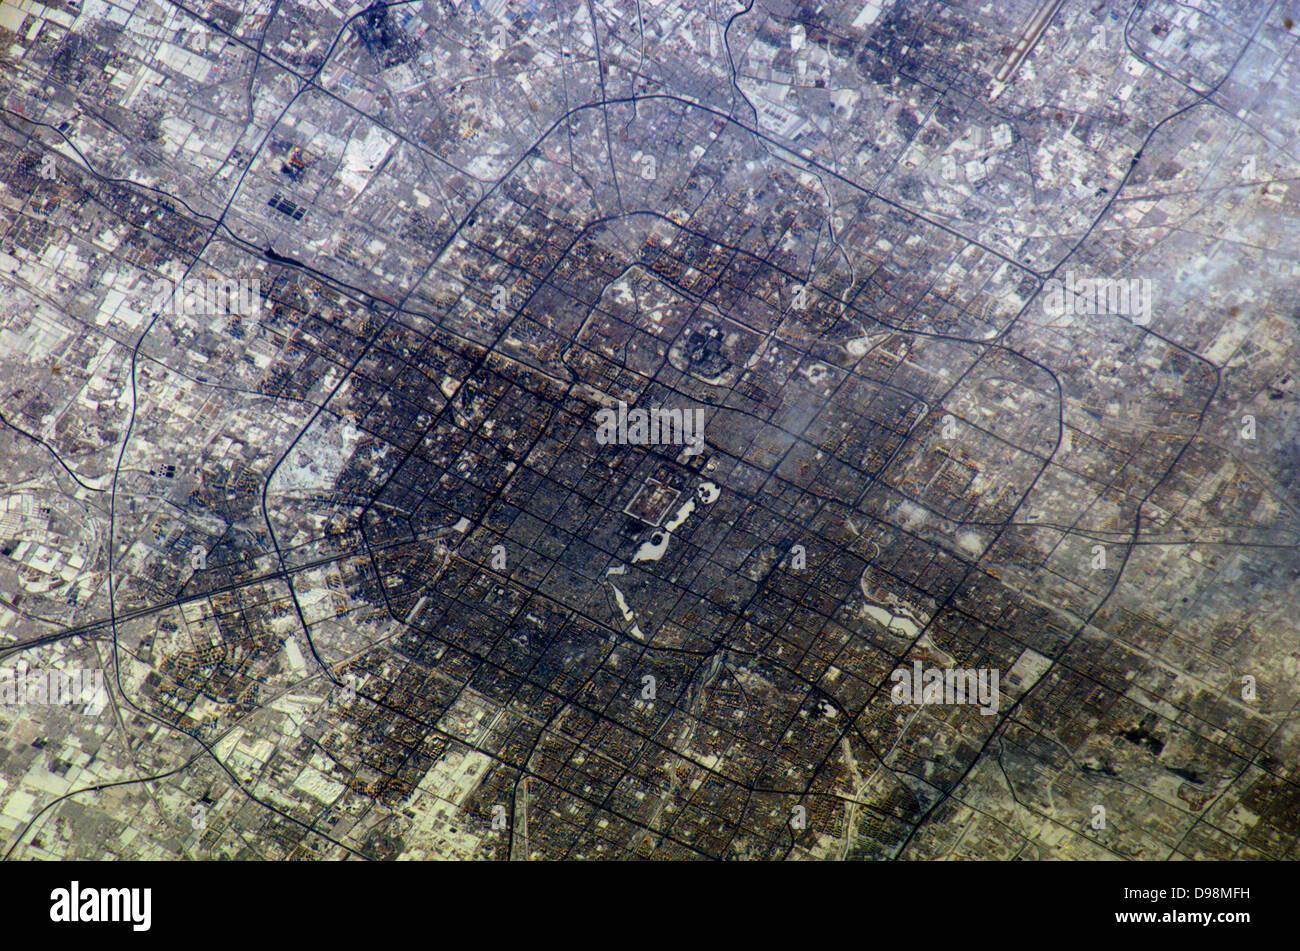 2005 La gran ciudad de Beijing (Pekín), China está representado en esta imagen fotografiada por la expedición Imagen De Stock